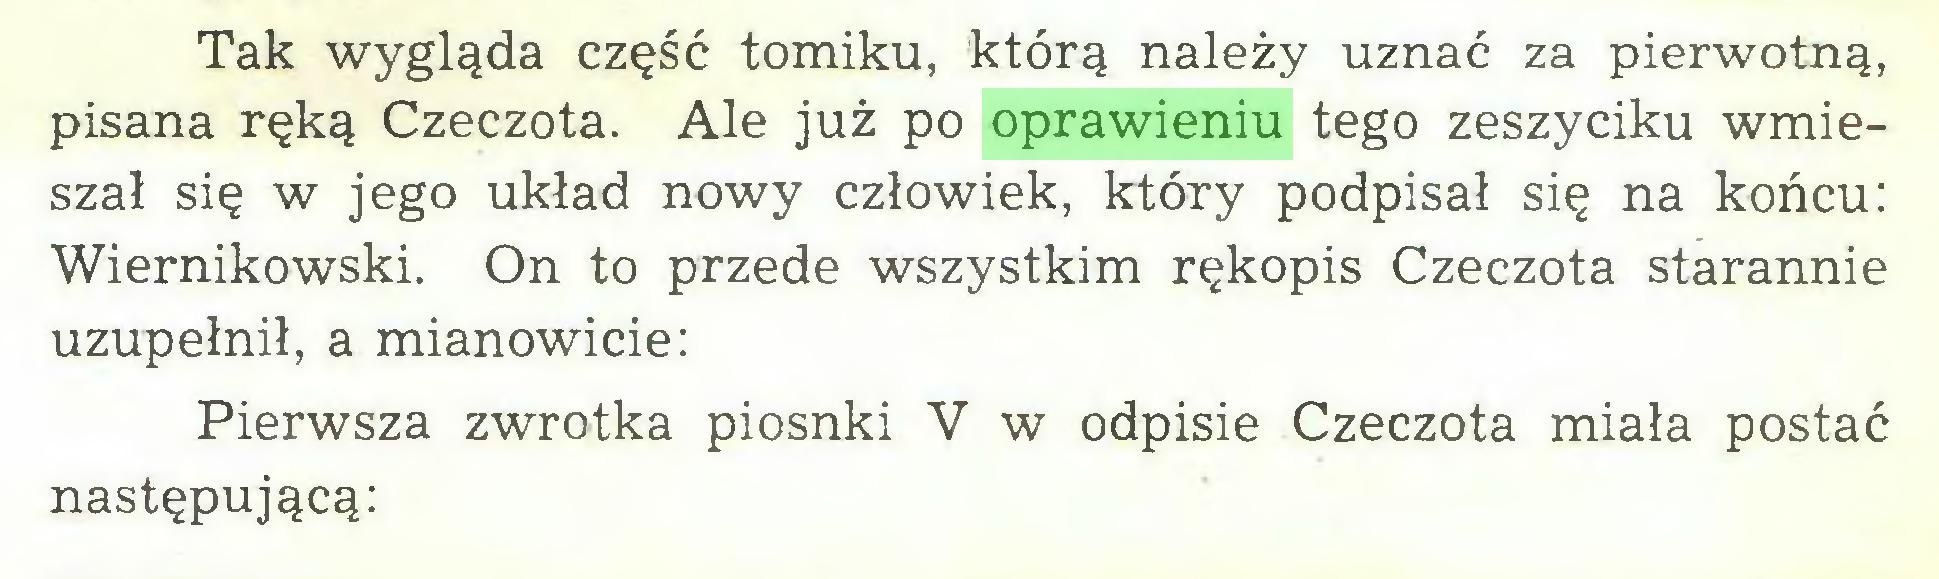 (...) Tak wygląda część tomiku, którą należy uznać za pierwotną, pisana ręką Czeczota. Ale już po oprawieniu tego zeszyciku wmieszał się w jego układ nowy człowiek, który podpisał się na końcu: Wiernikowski. On to przede wszystkim rękopis Czeczota starannie uzupełnił, a mianowicie: Pierwsza zwrotka piosnki V w odpisie Czeczota miała postać następującą:...